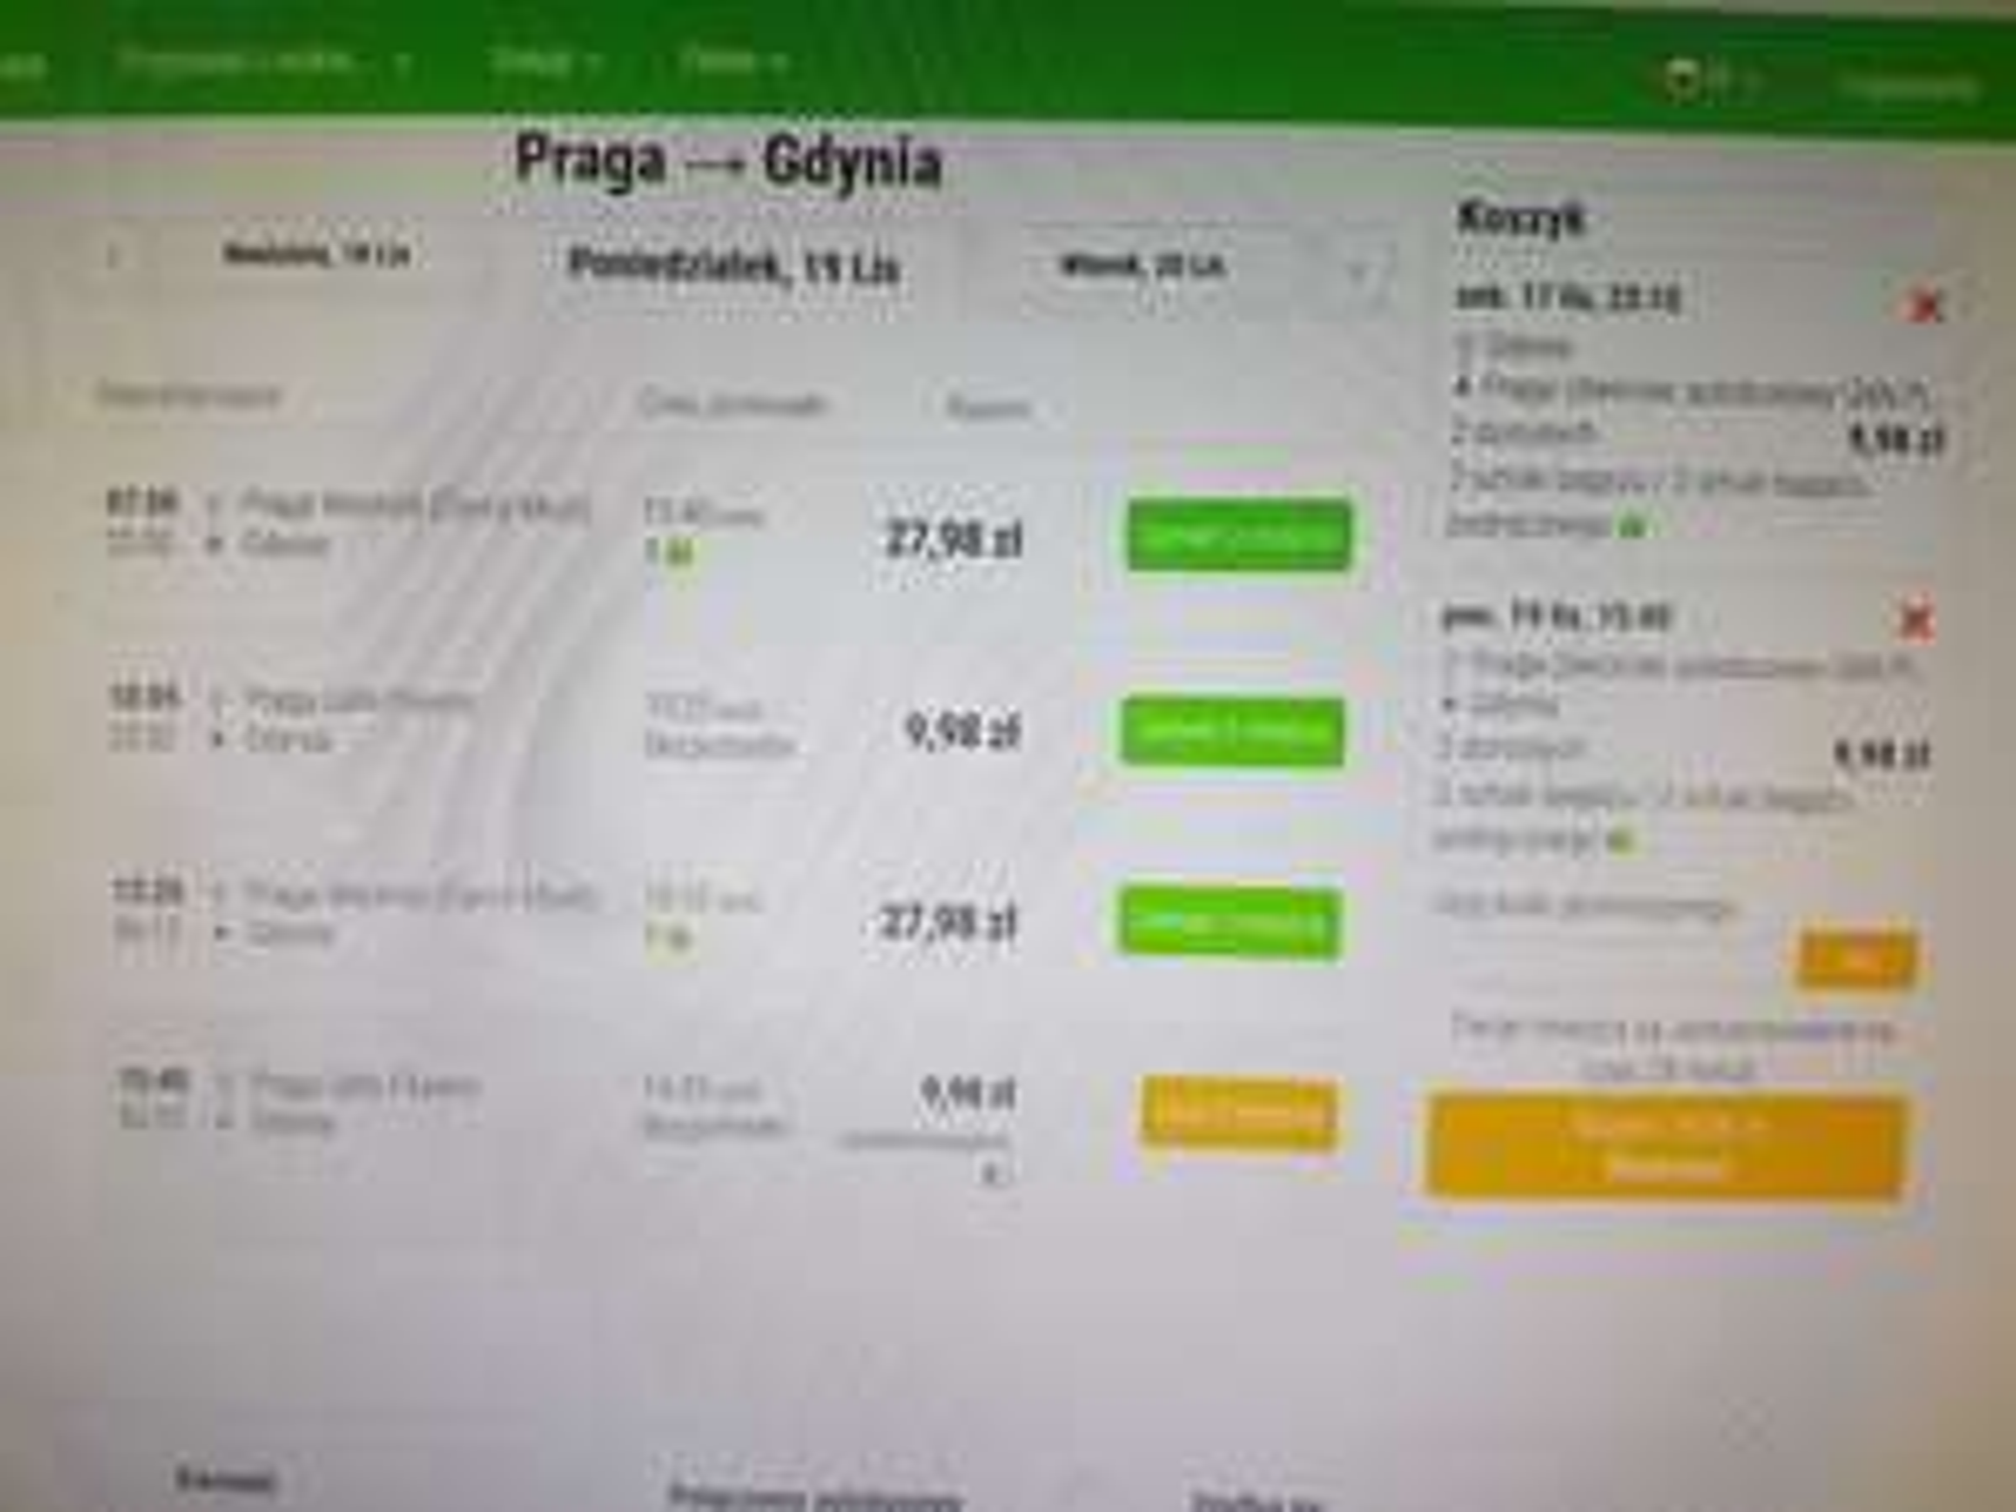 Flixbus - bilety od 5 pln